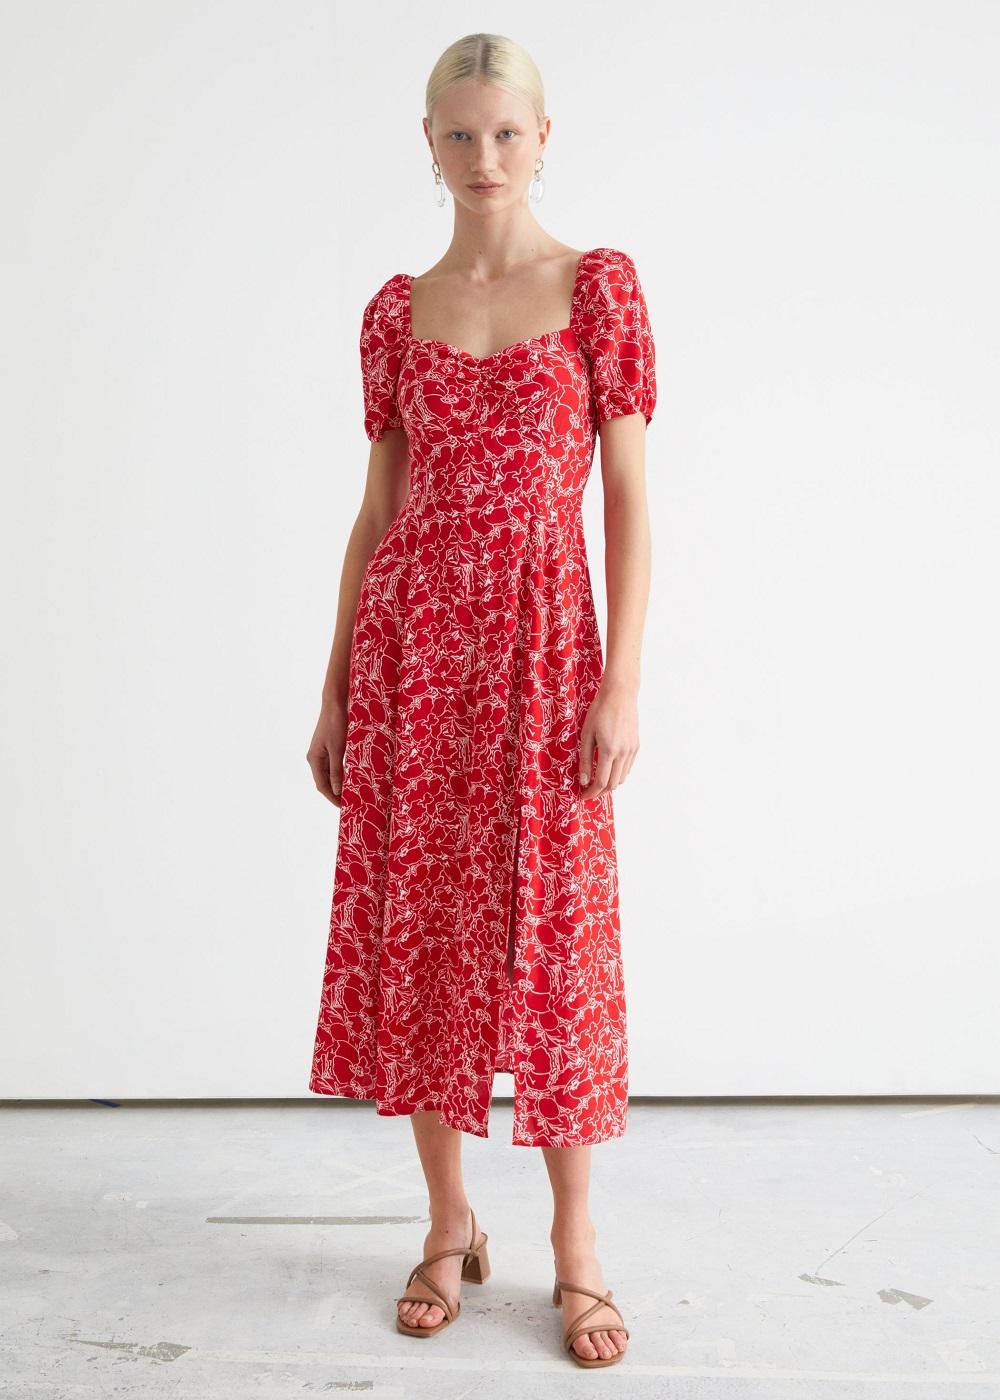 & Other Stories midi haljina proljeće ljeto 2021.